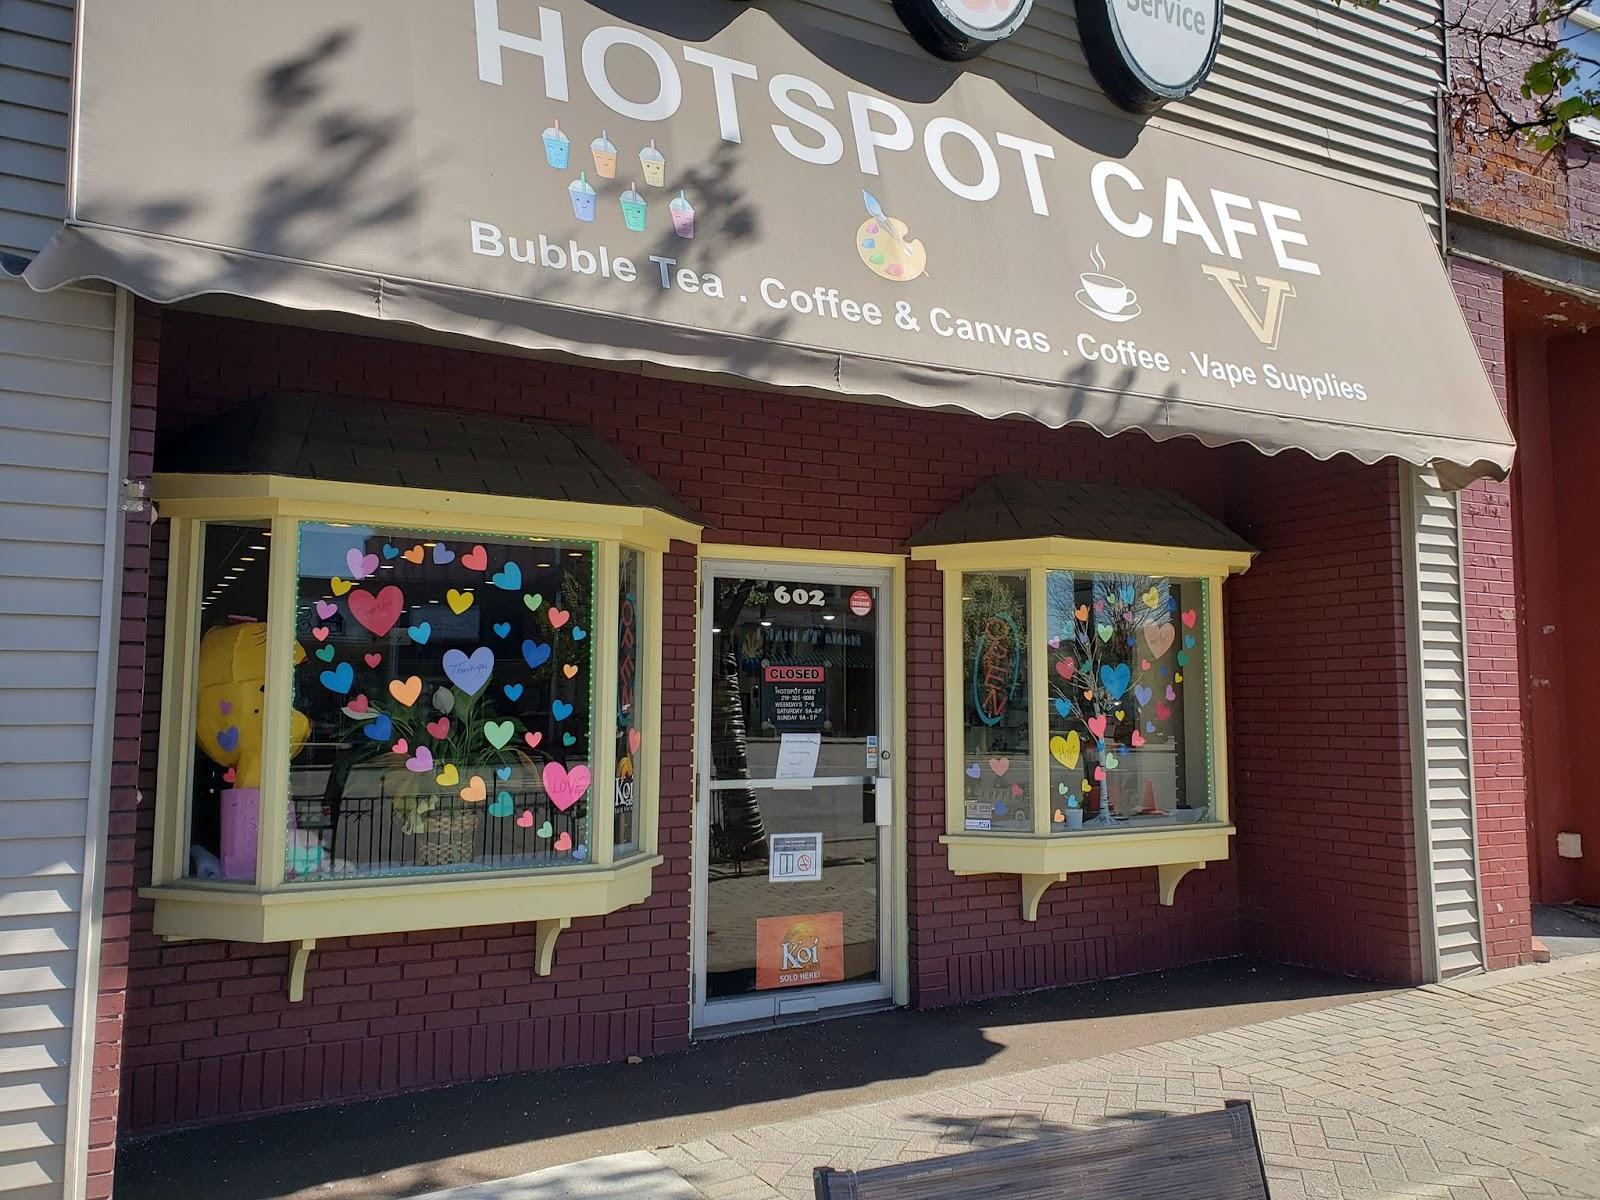 Hot Spot Cafe